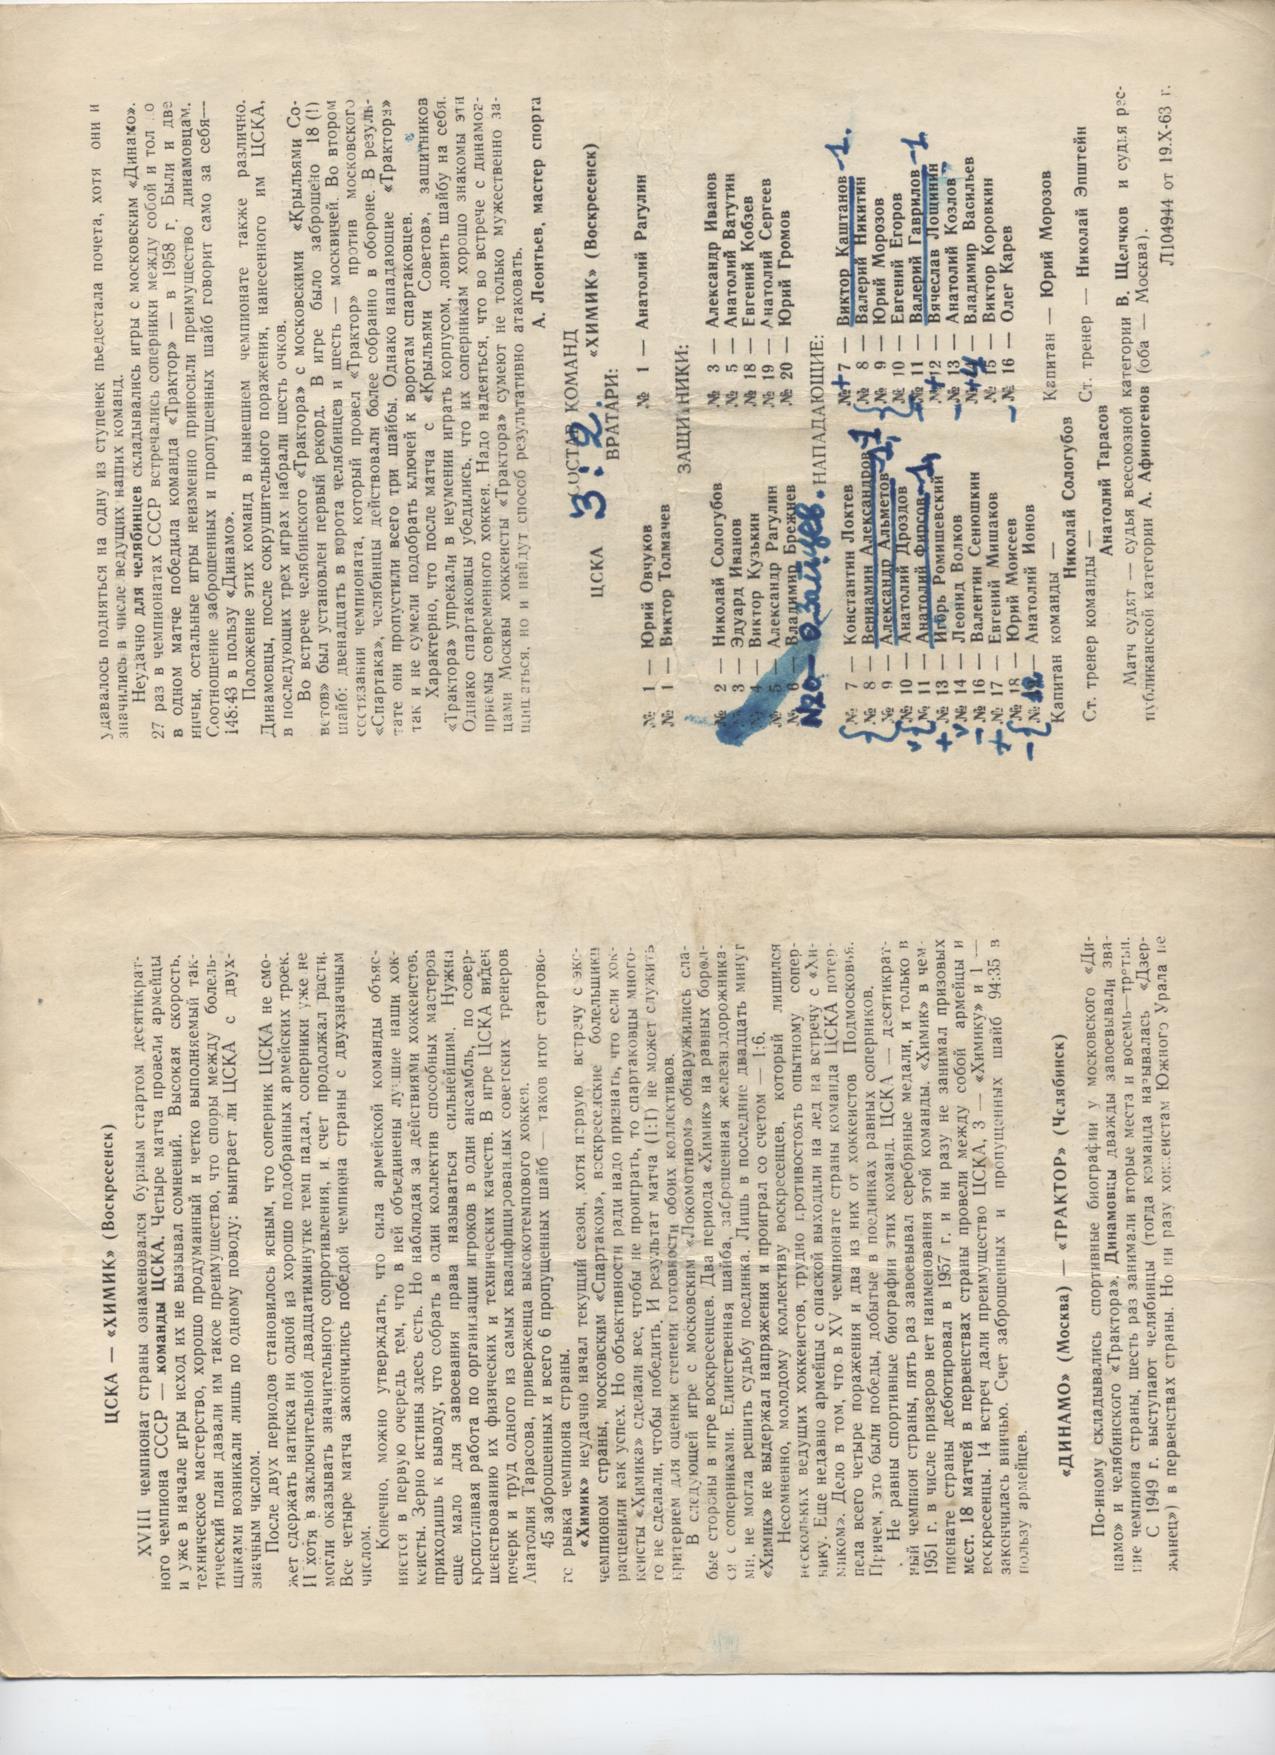 19631020-2.jpg